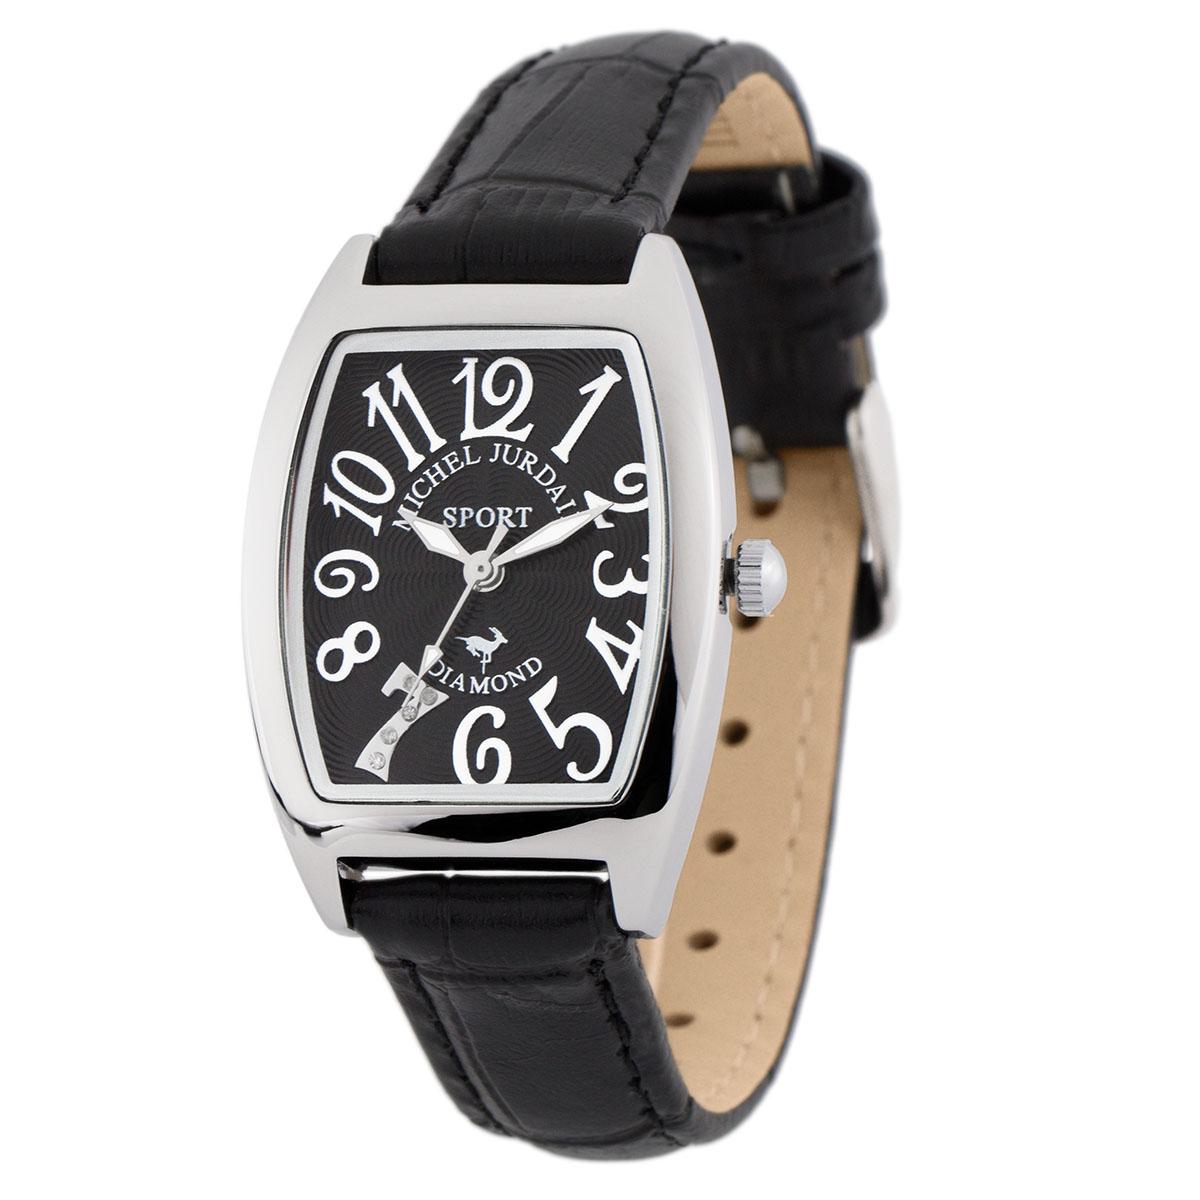 ミッシェル・ジョルダン MICHEL JURDAIN トノー型ダイヤモンド SL-1000-6 ユニセックス 時計 腕時計 クオーツ